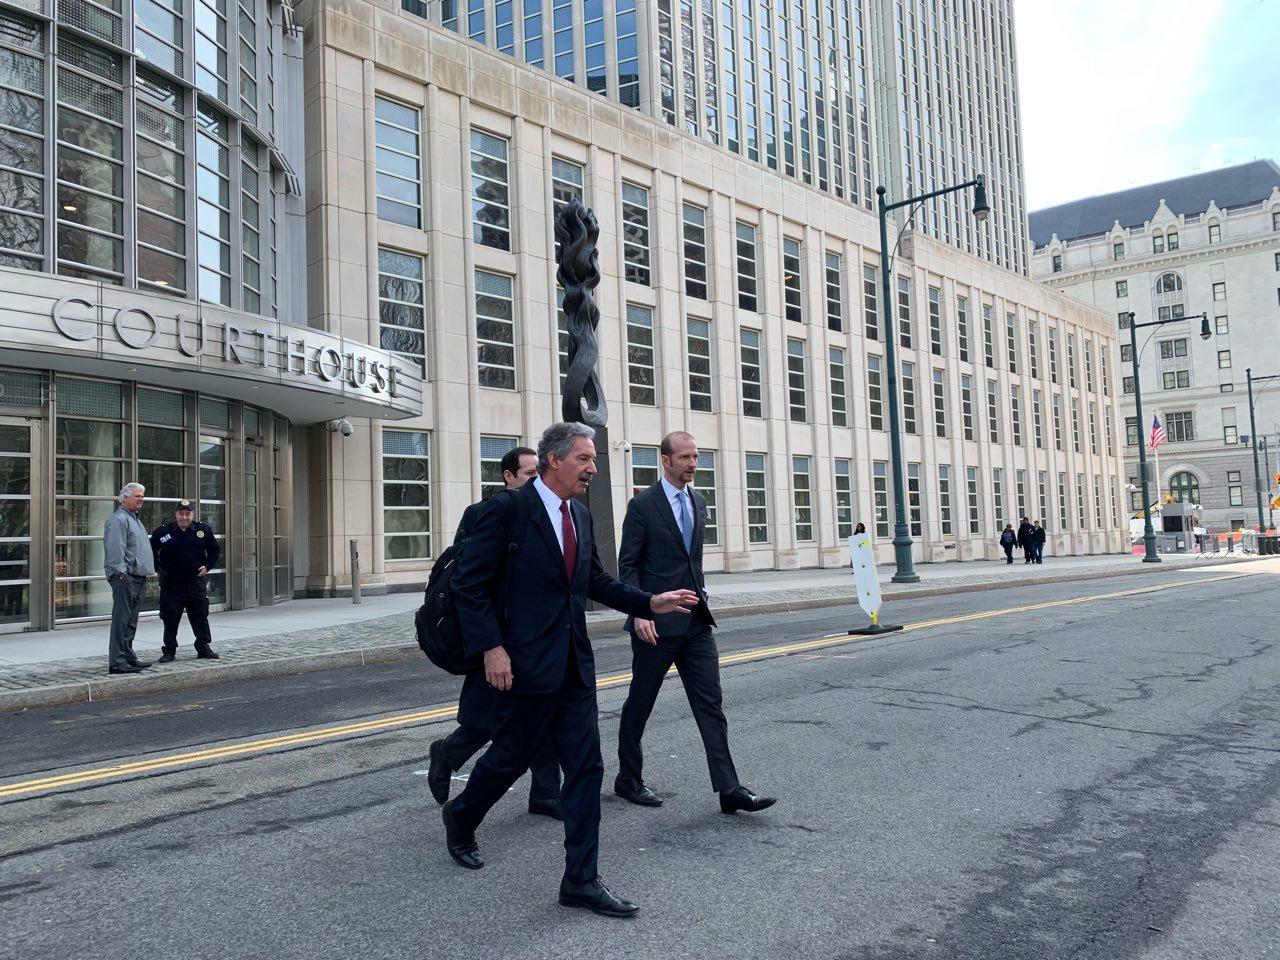 因被控13項罪名,3月14日,分別代表華為技術有限公司及其兩家附屬公司的三名律師在布魯克林的紐約東區聯邦法院出庭聆訊。華為表示不認罪。(蔡溶/大紀元)